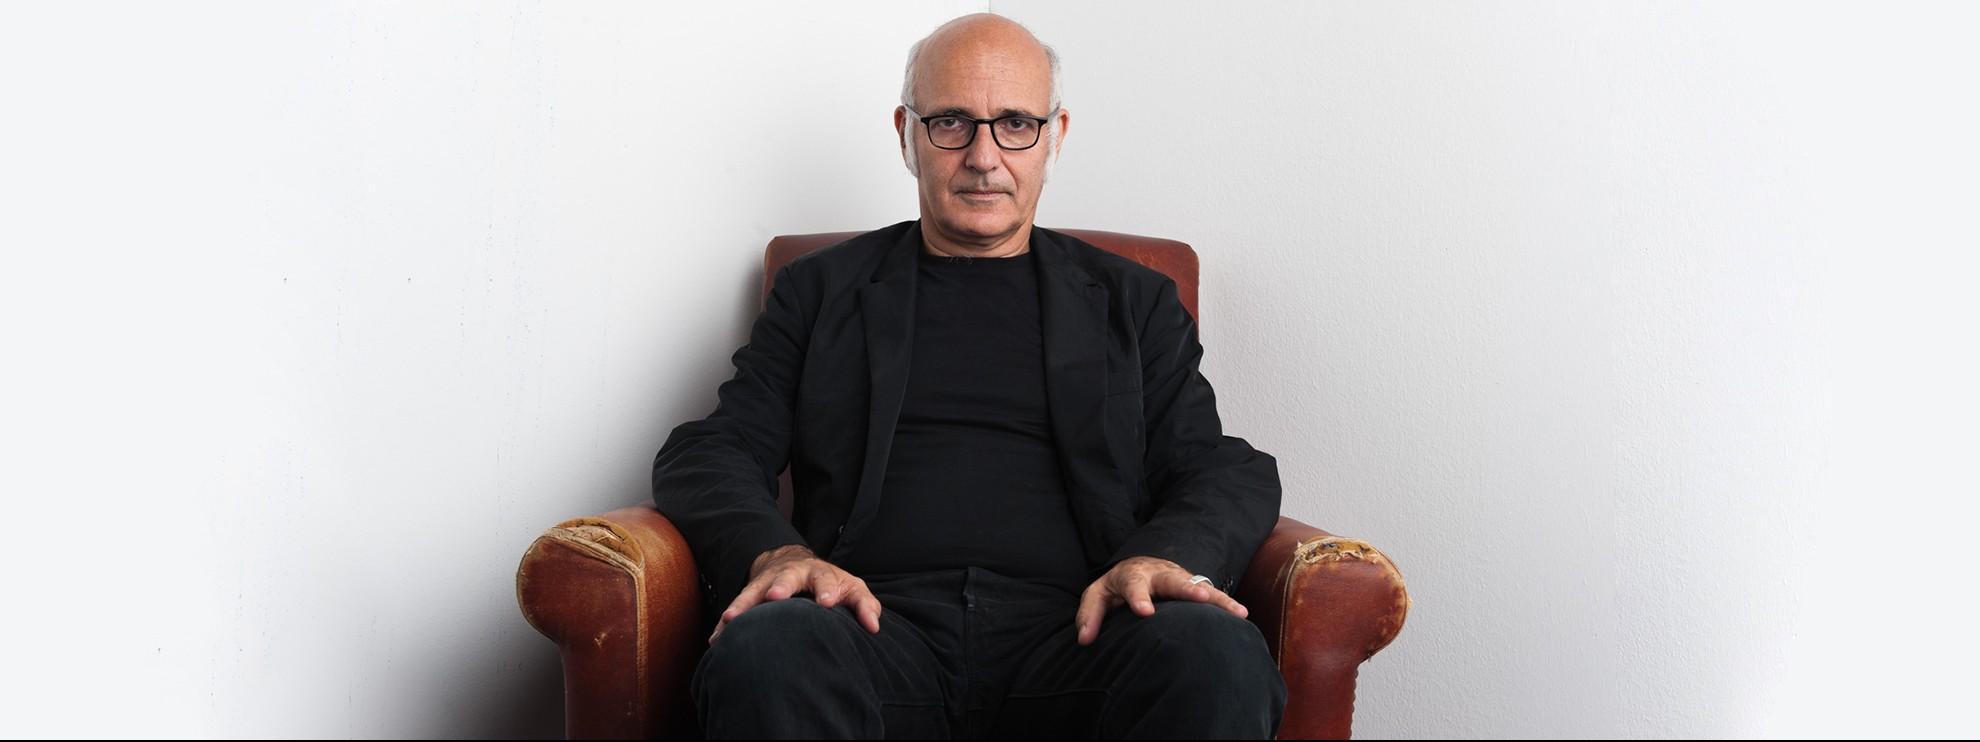 подія Ludovico Einaudi (Людовіко Ейнауді)